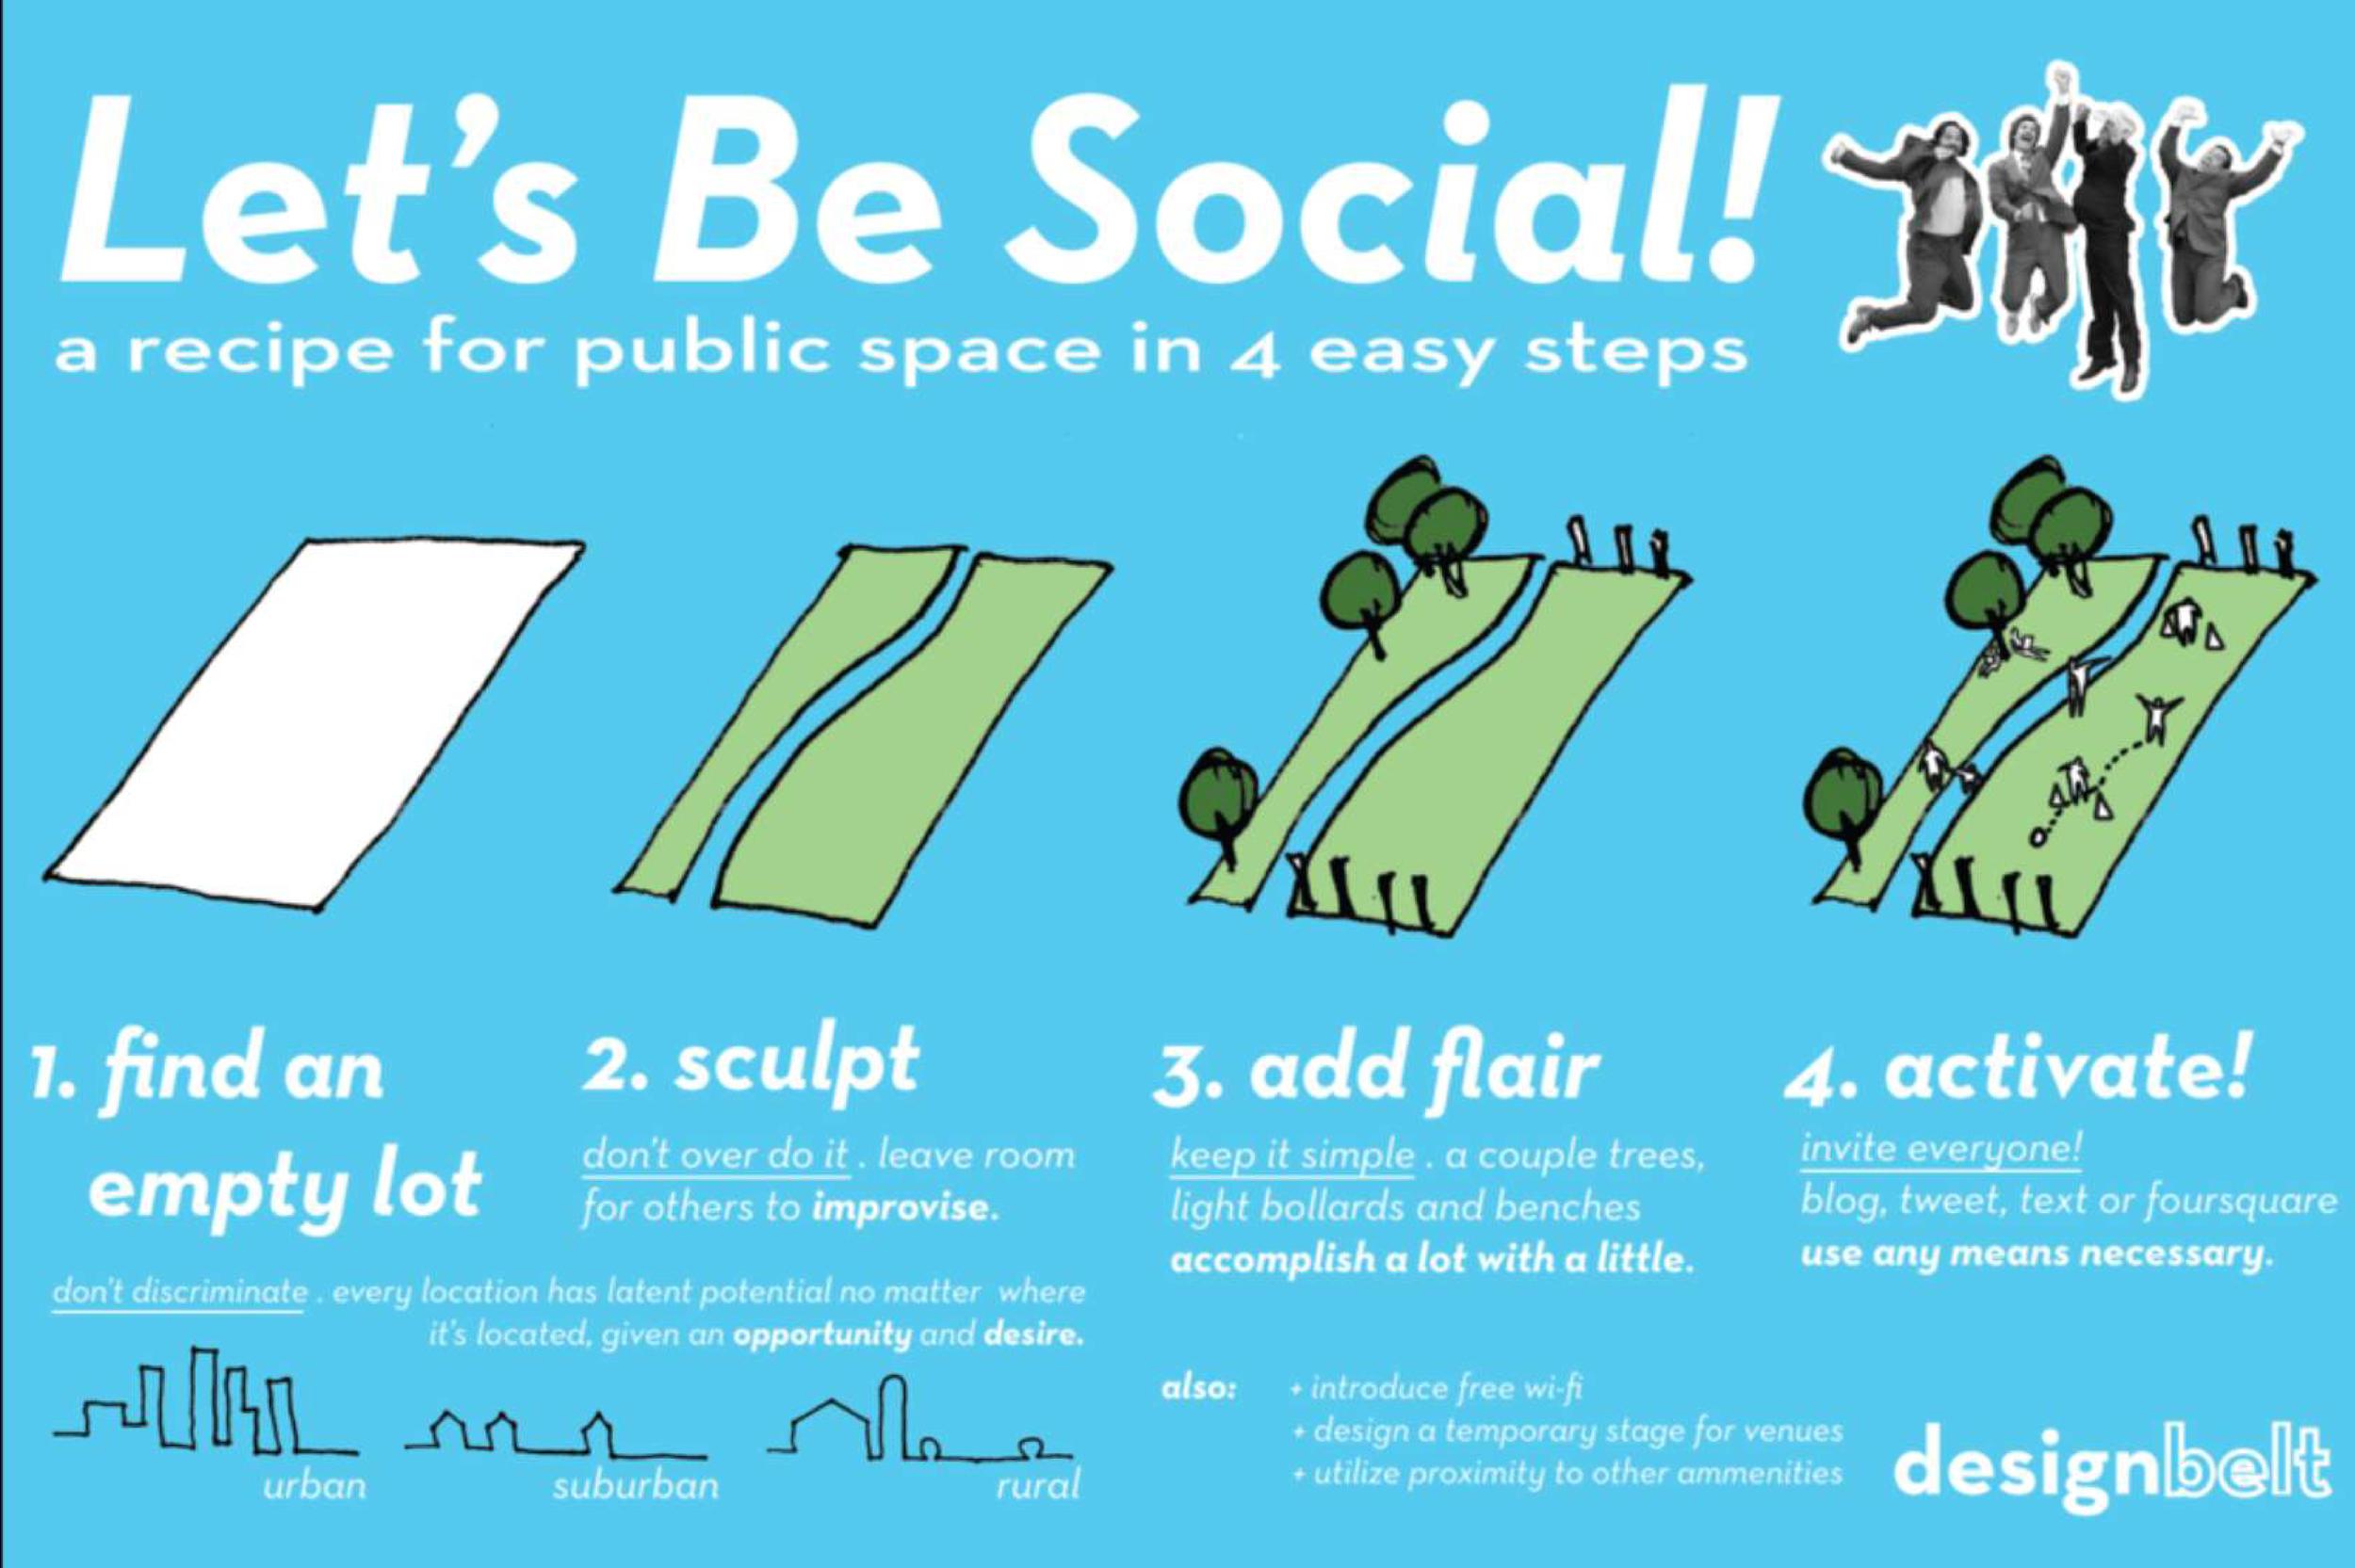 Designbelt - Lets Be Social